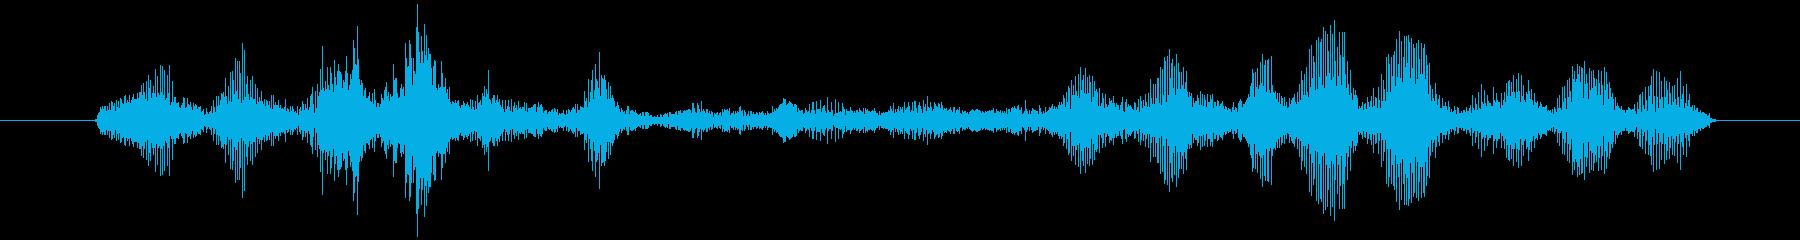 ヤギ Baaingヤギ03の再生済みの波形